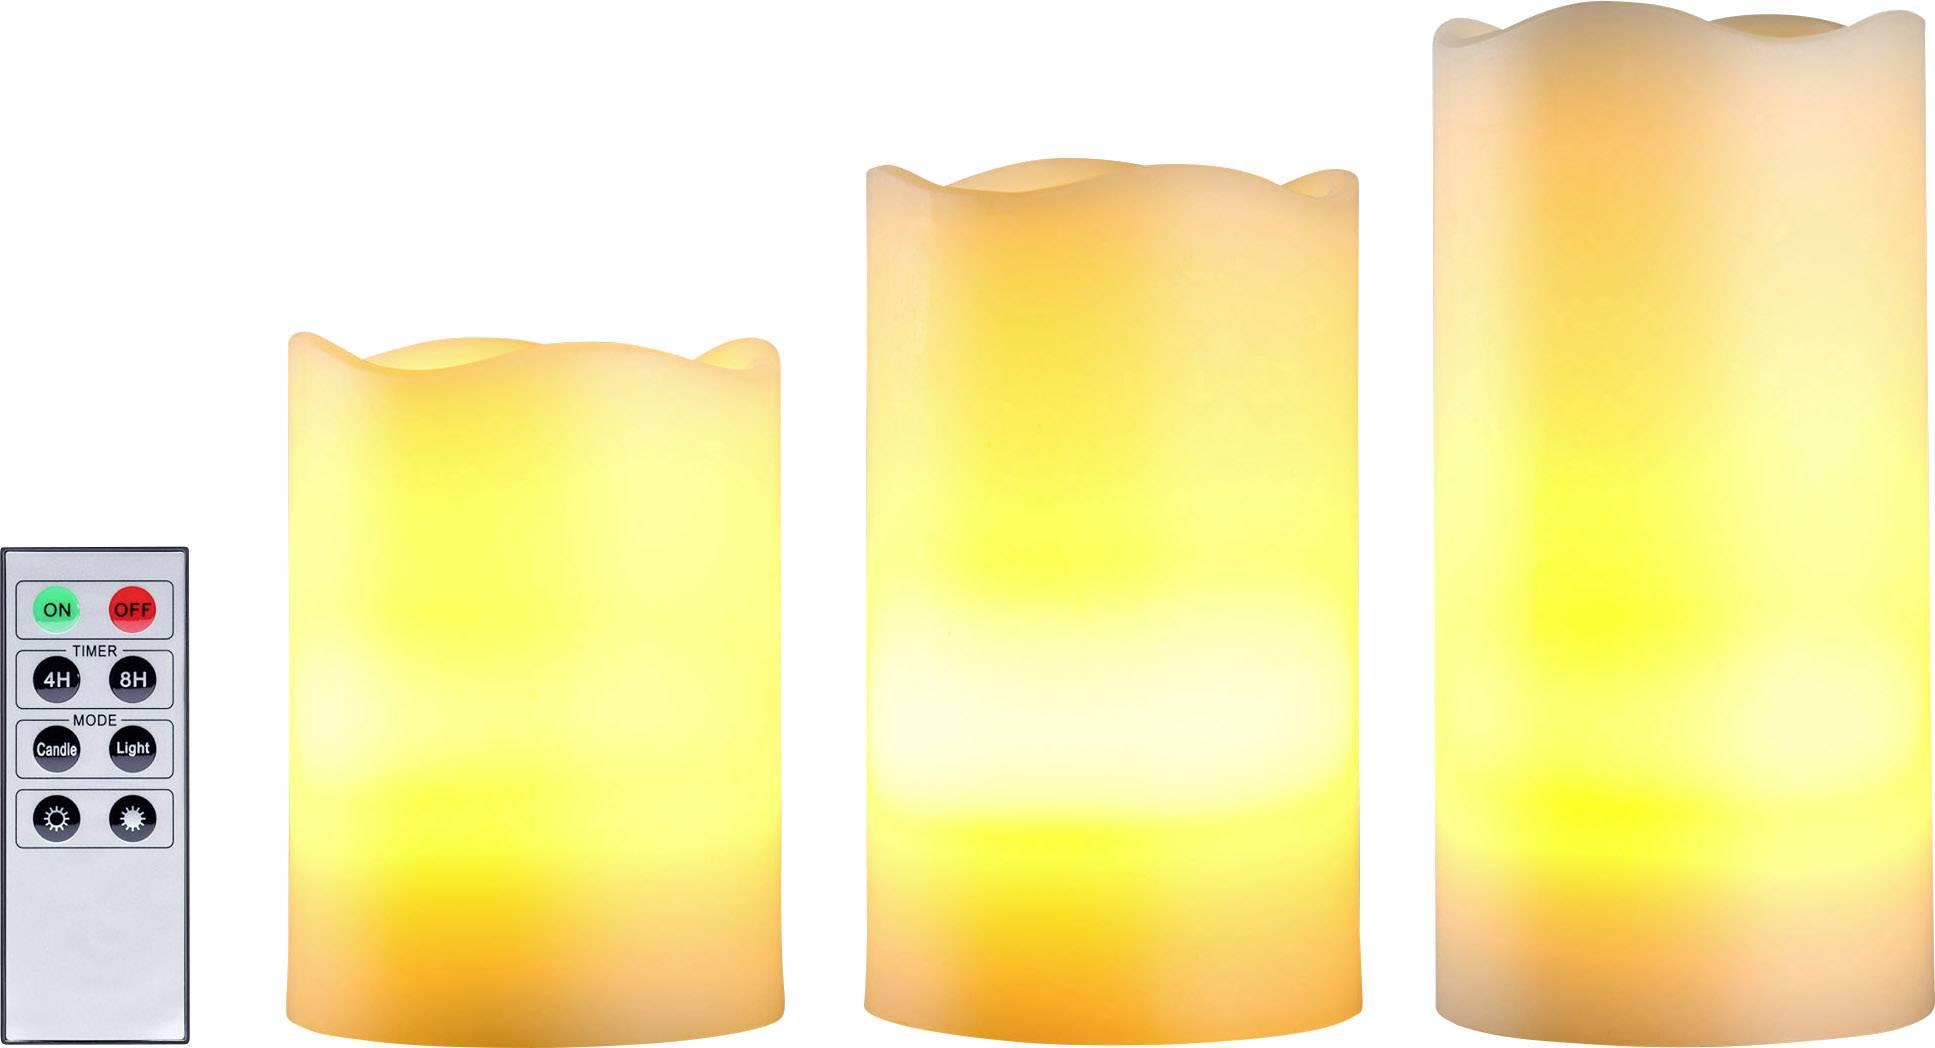 Bezdrátové LED svíčky Polarlite, teplá bílá, (Ø x v) 7,5 x 15 cm, sada 3 ks